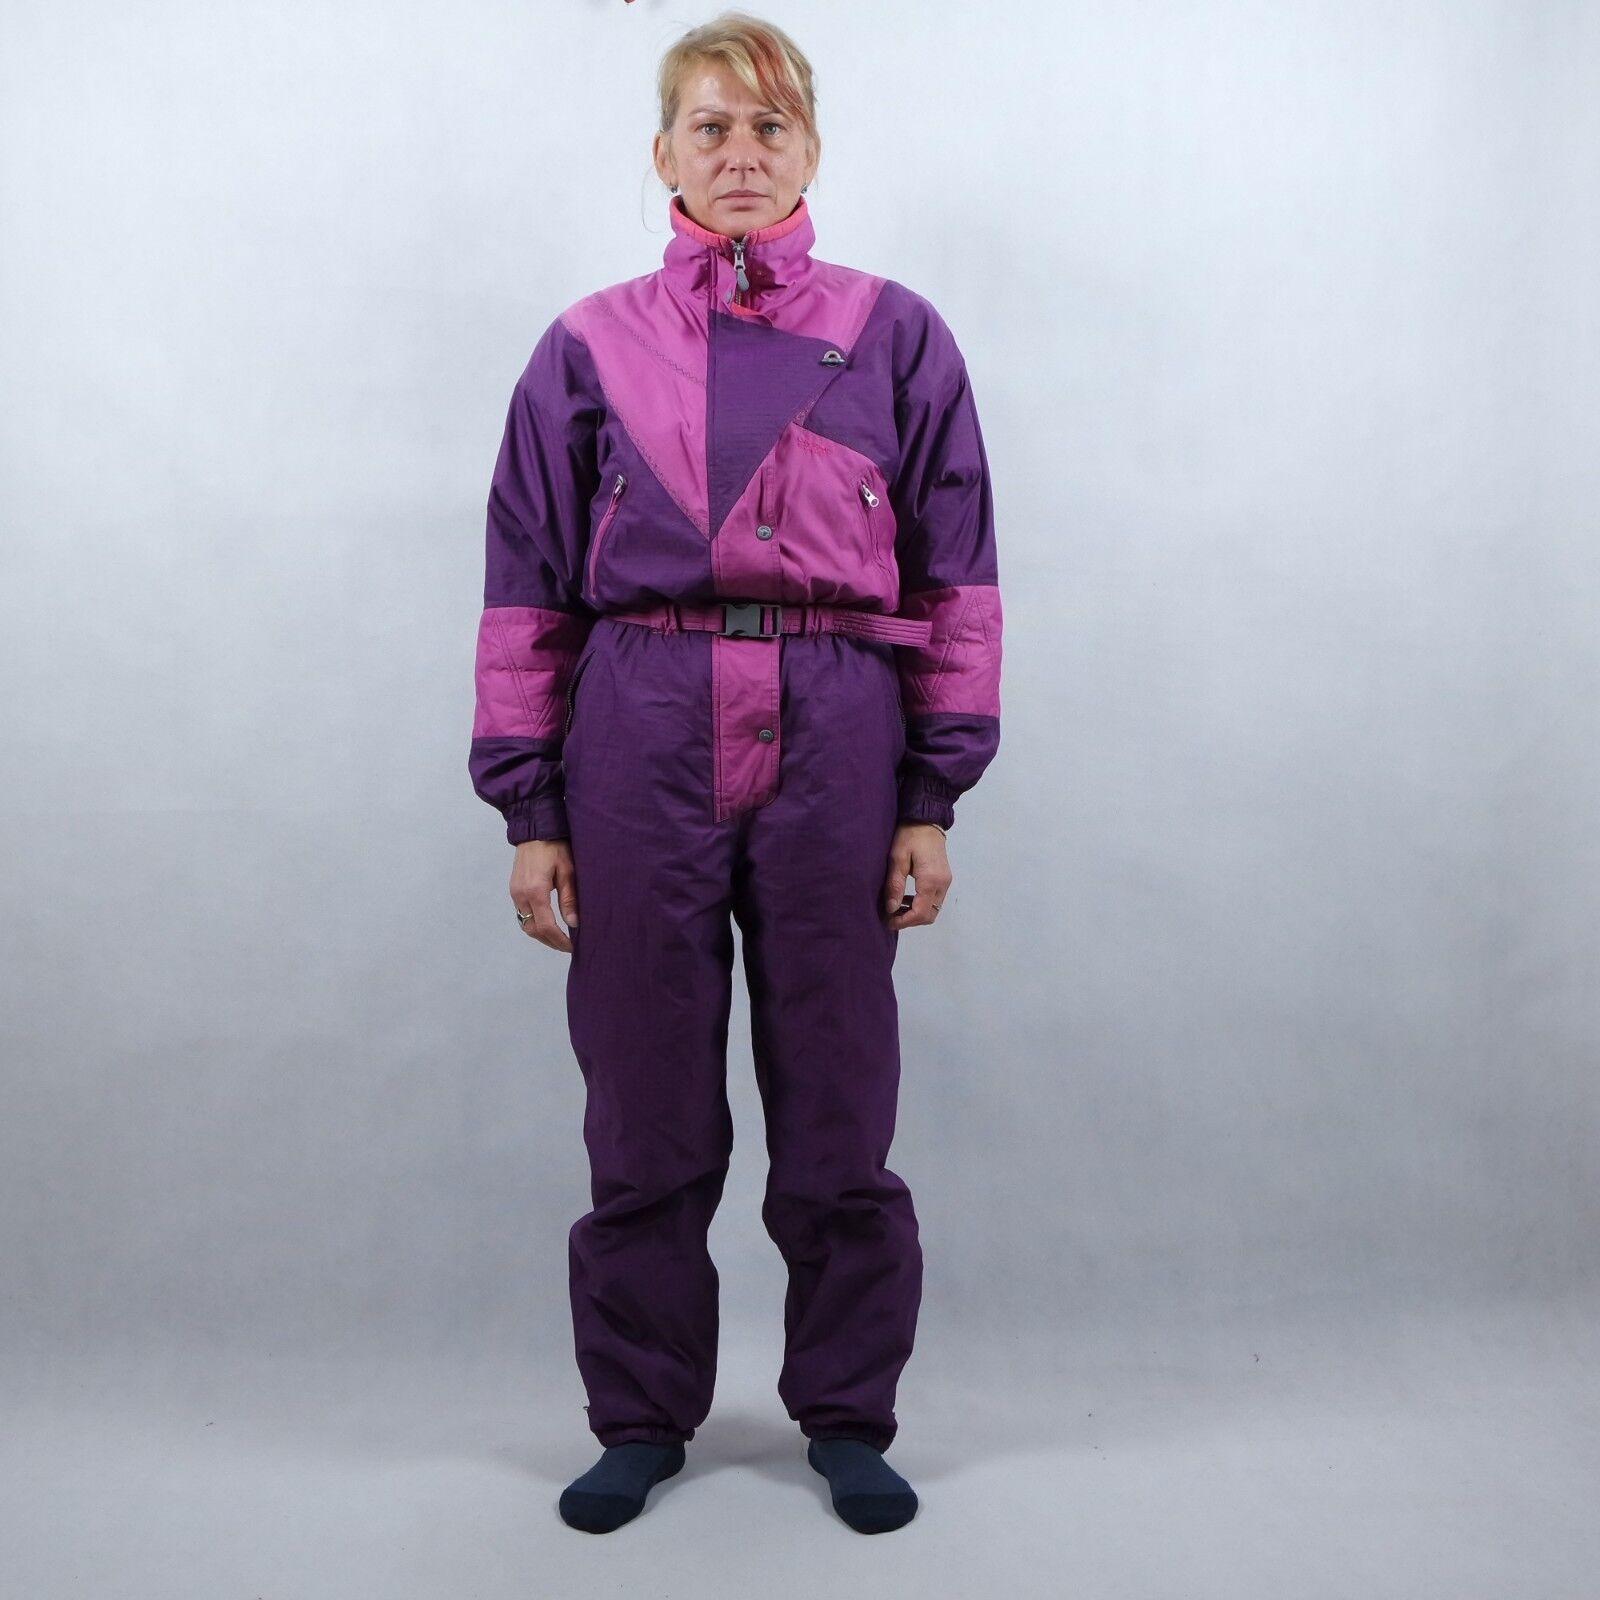 ON THE EDGE Womens Purple Festival One Piece Ski Suit Snowsuit SIZE L, 175-180